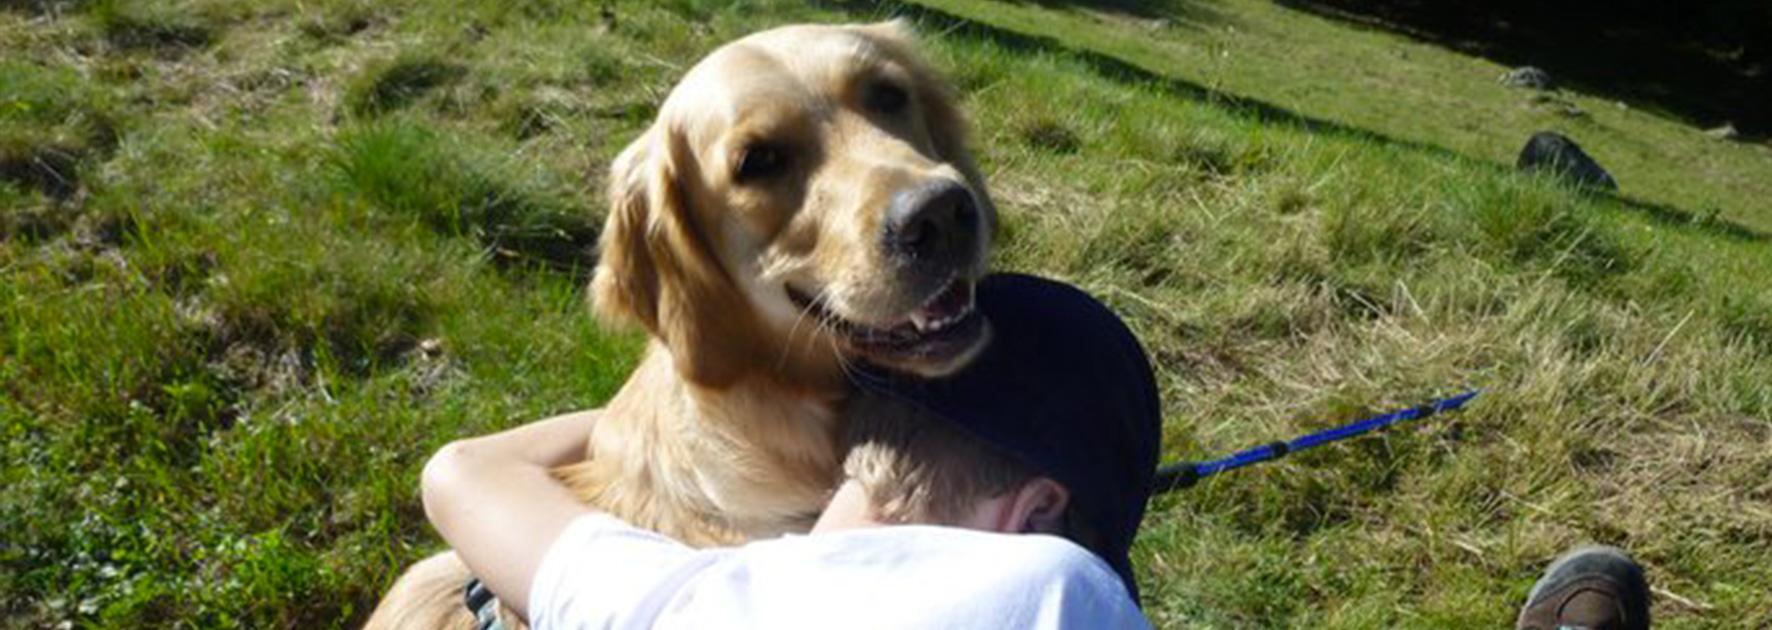 Se un cane recitasse un mio racconto?